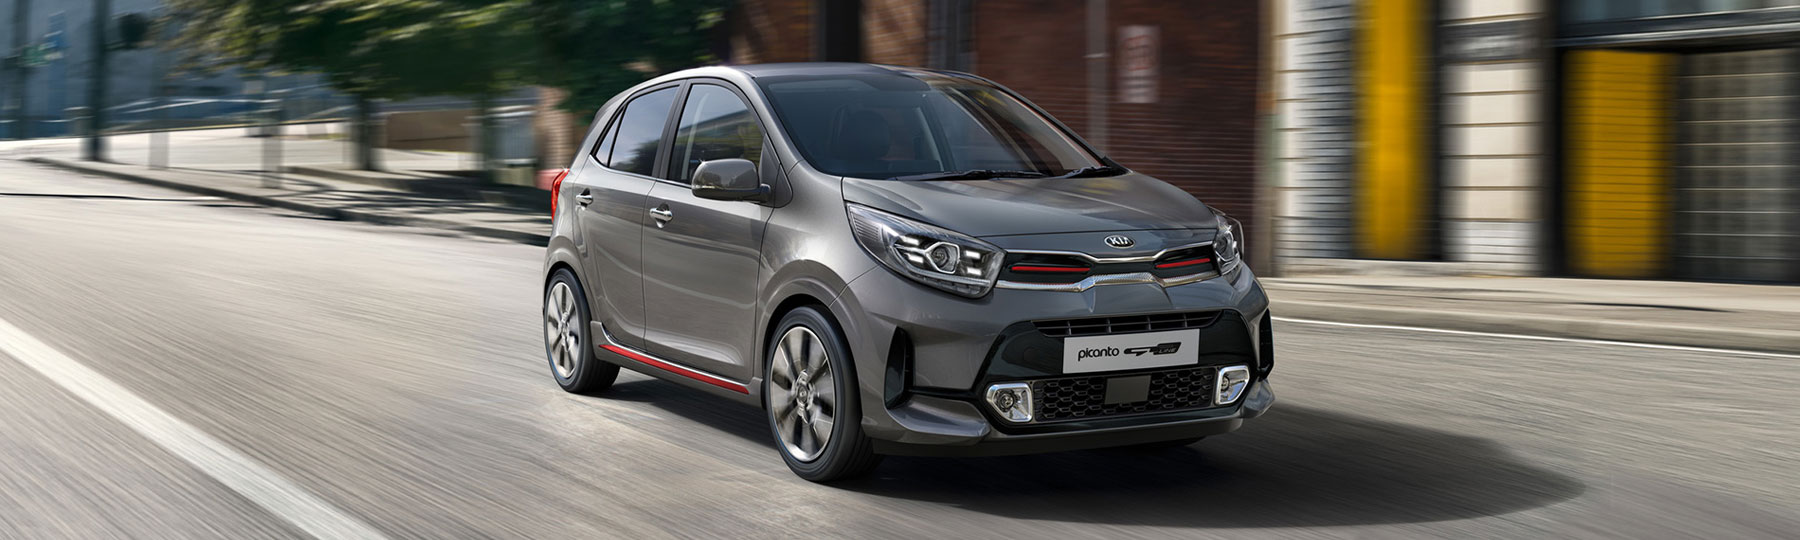 Kia Picanto New Car Offer